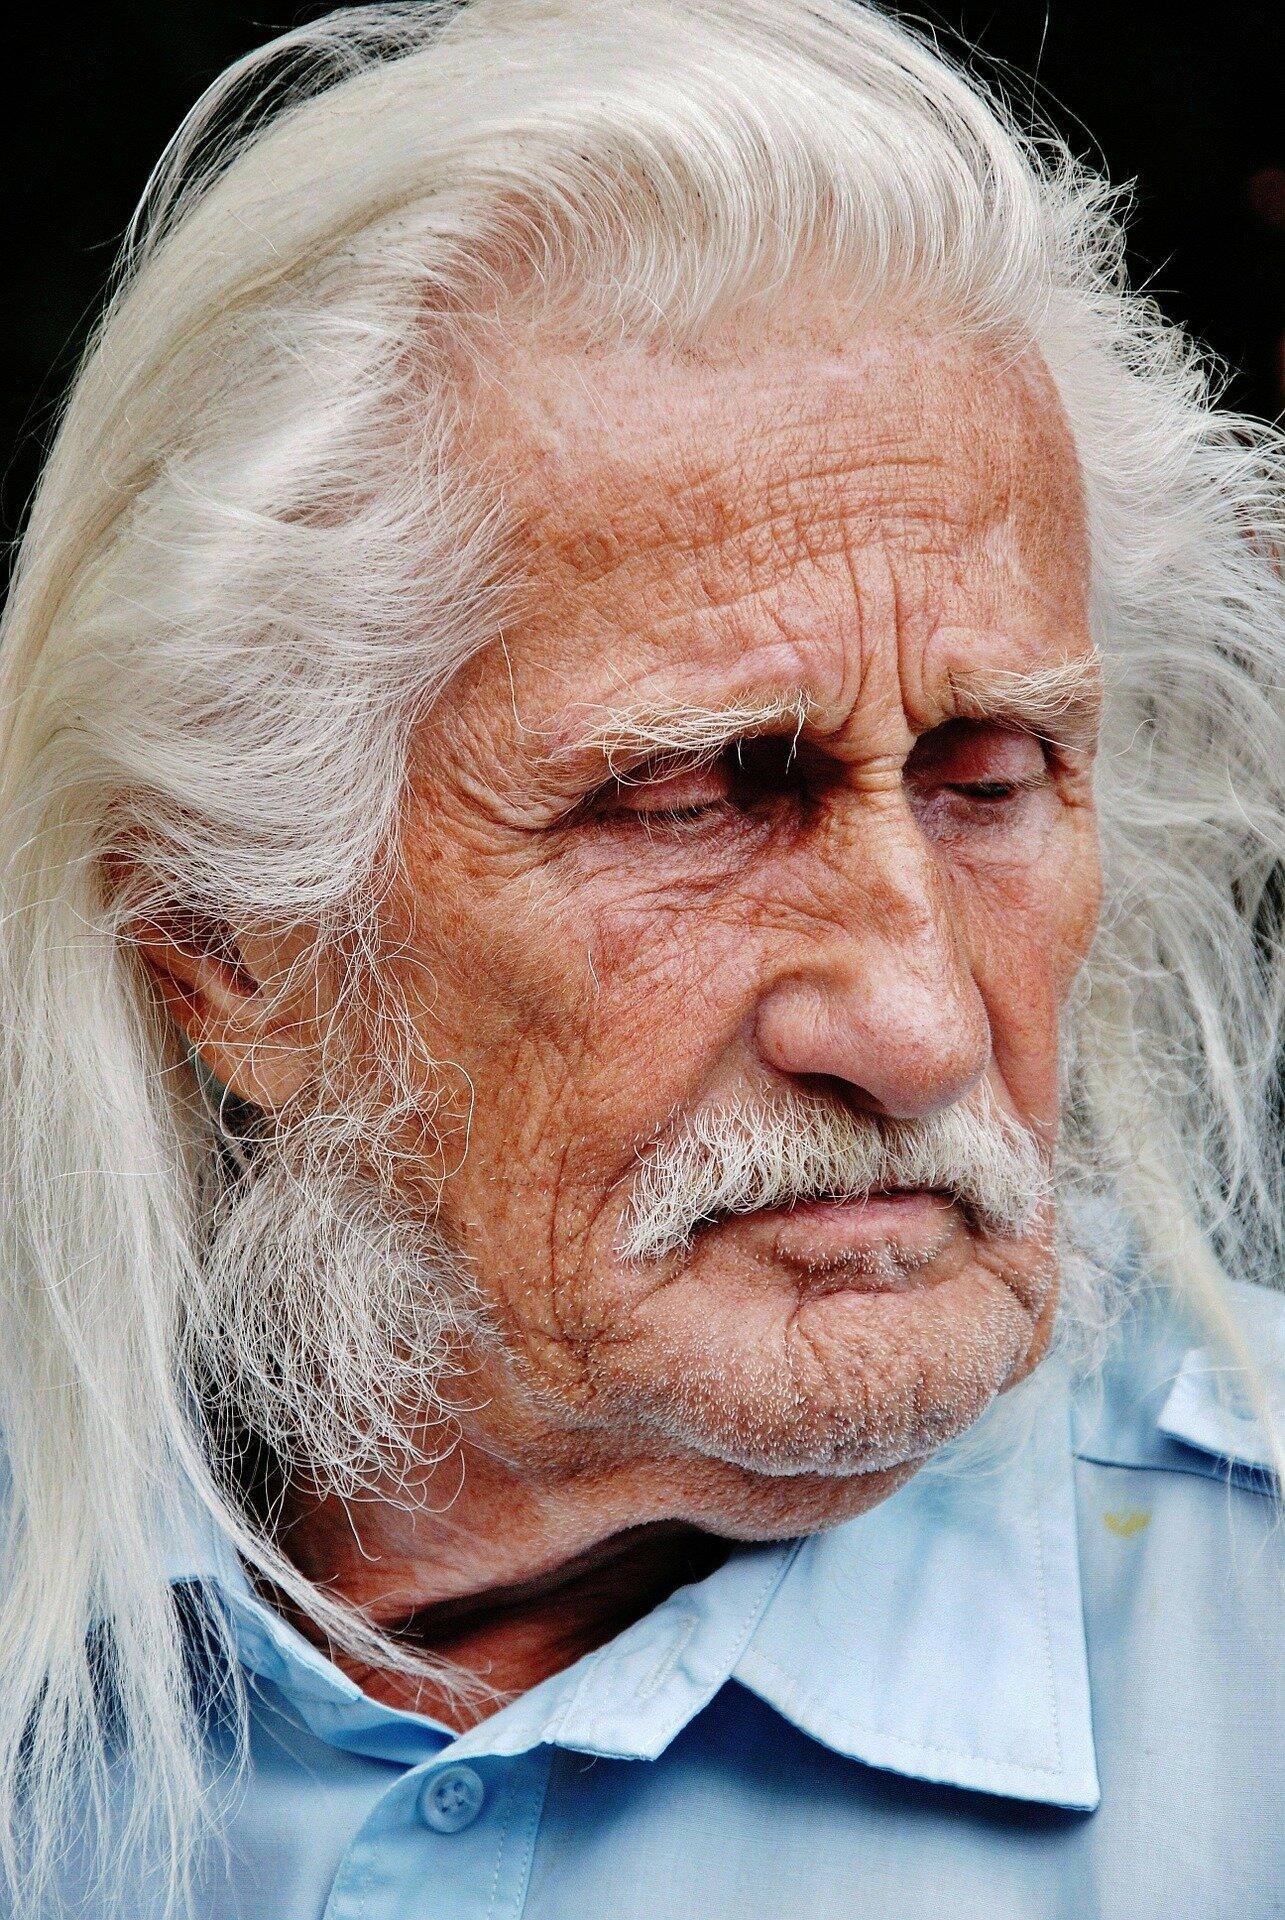 Studie findet einzigartige form von chronischer sinusitis beim älteren Patienten